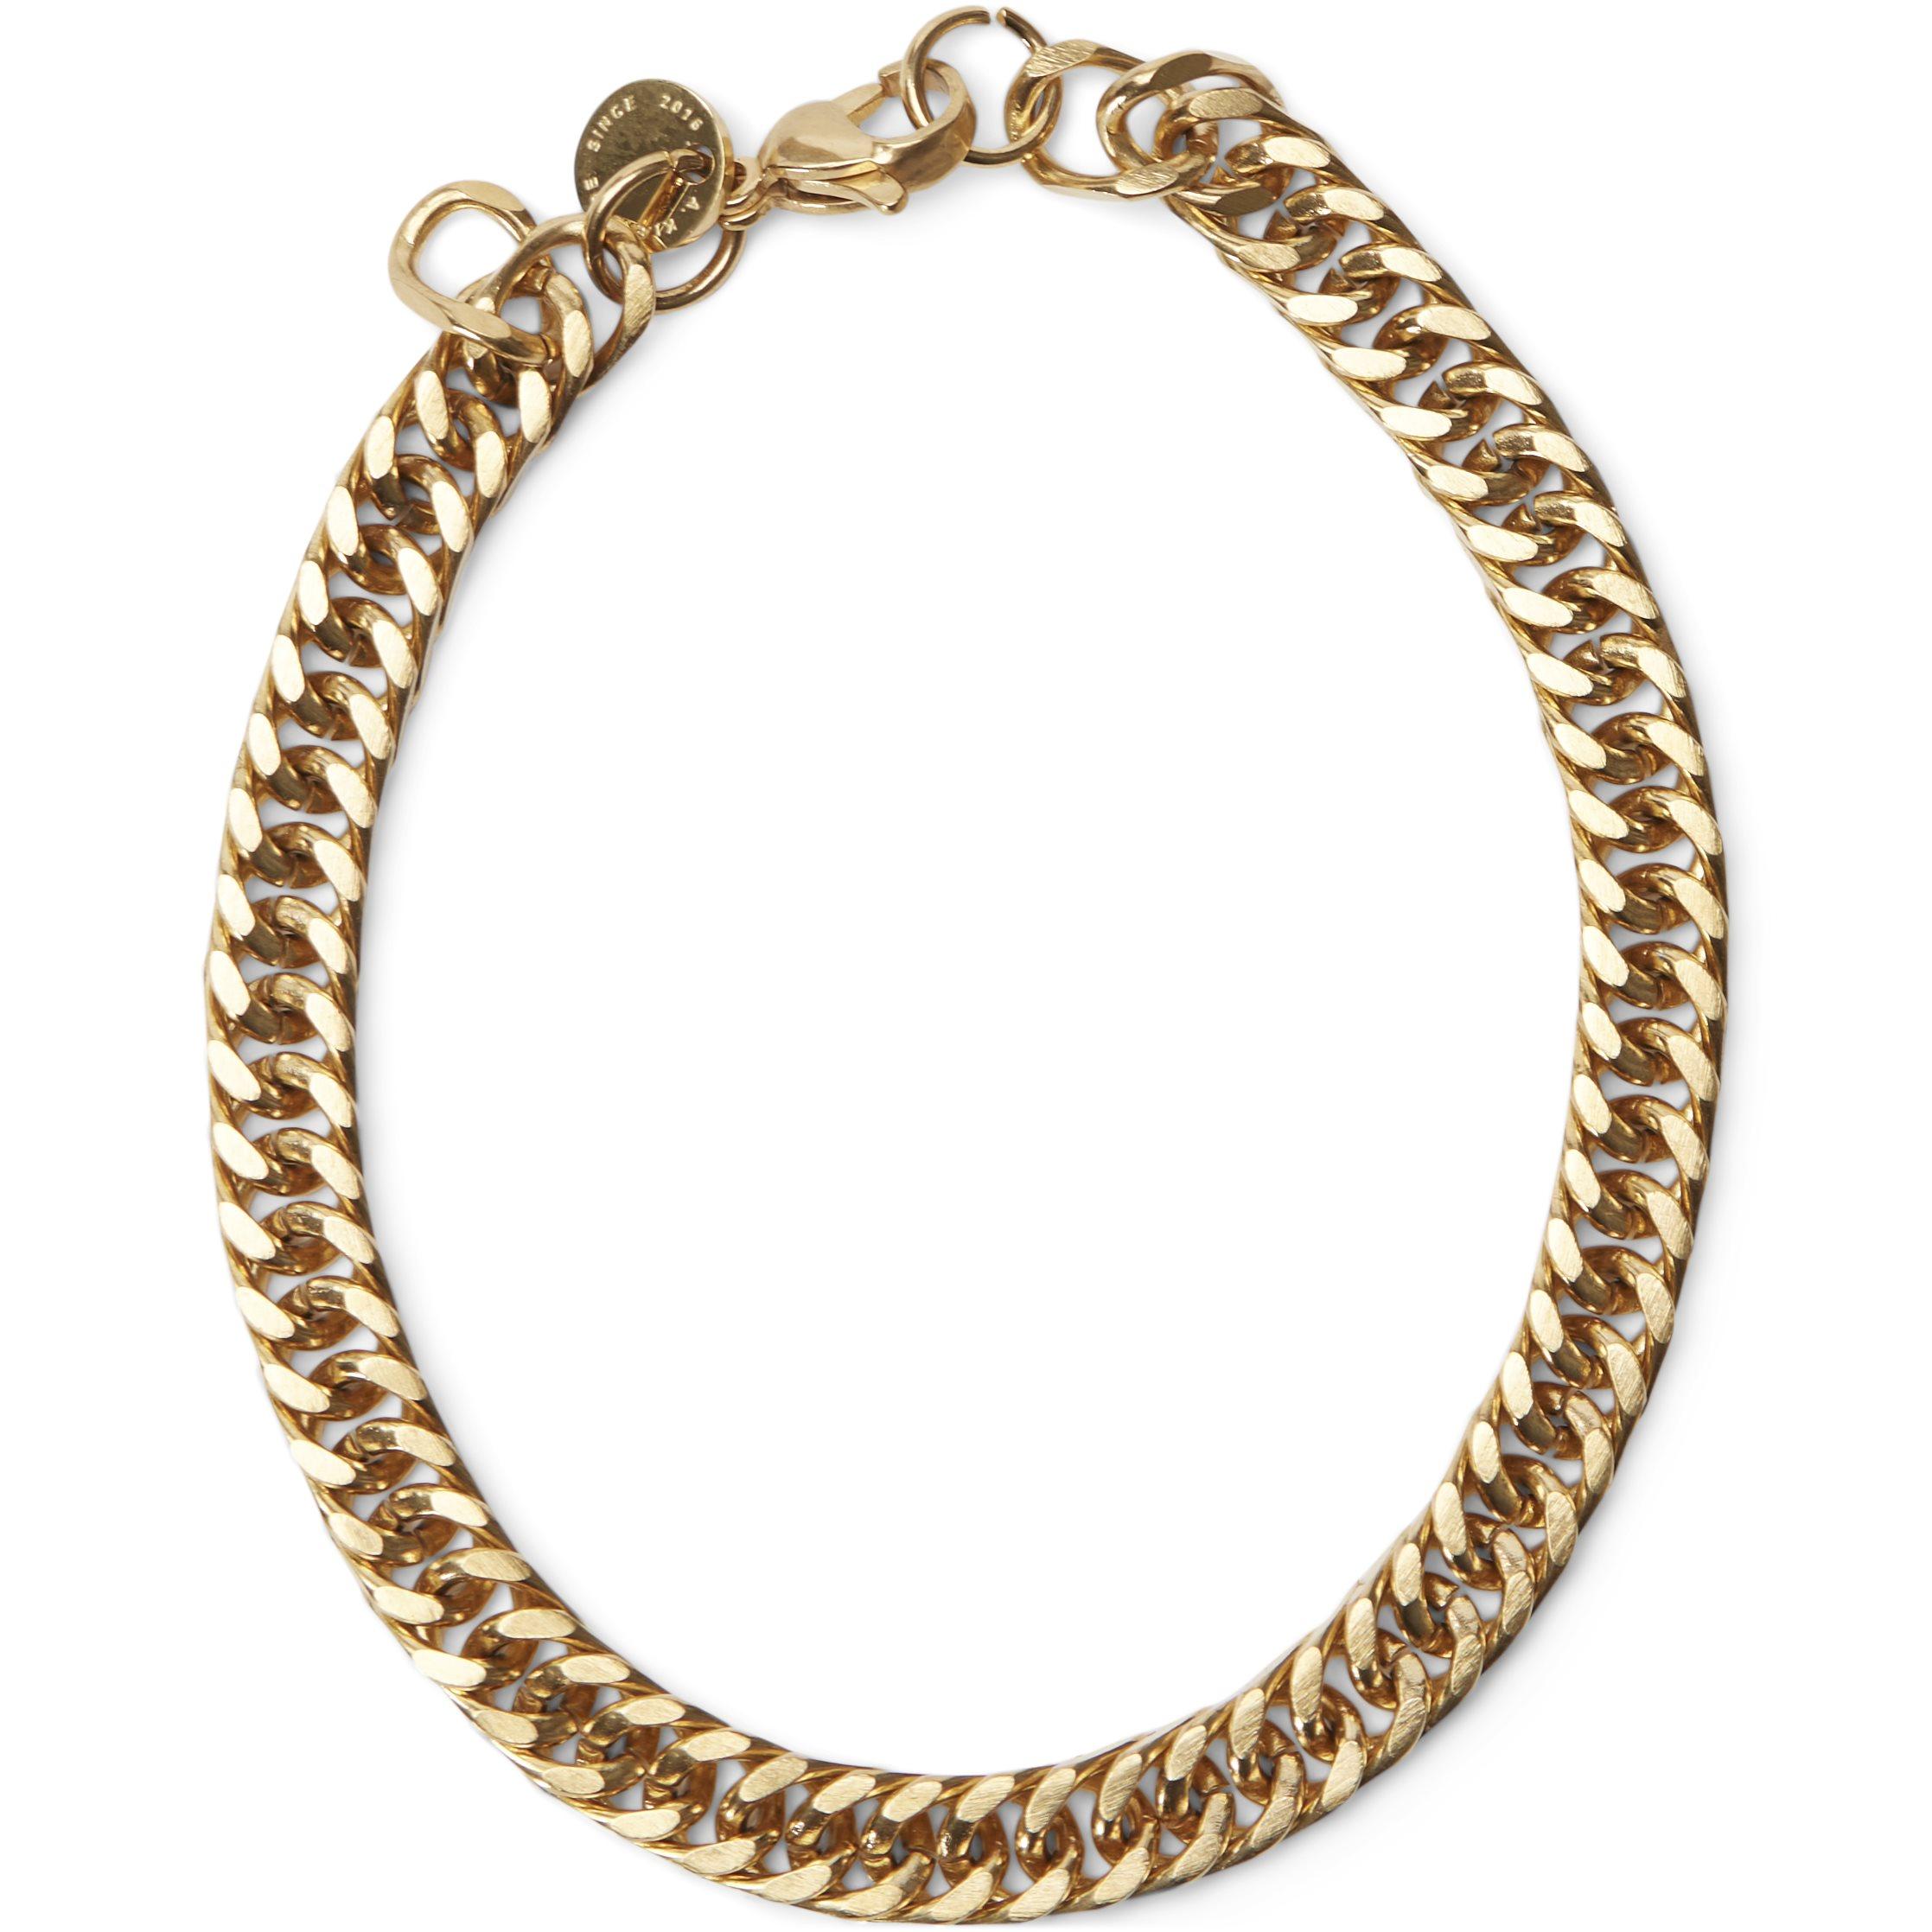 Fred Bracelet - Accessoarer - Guld